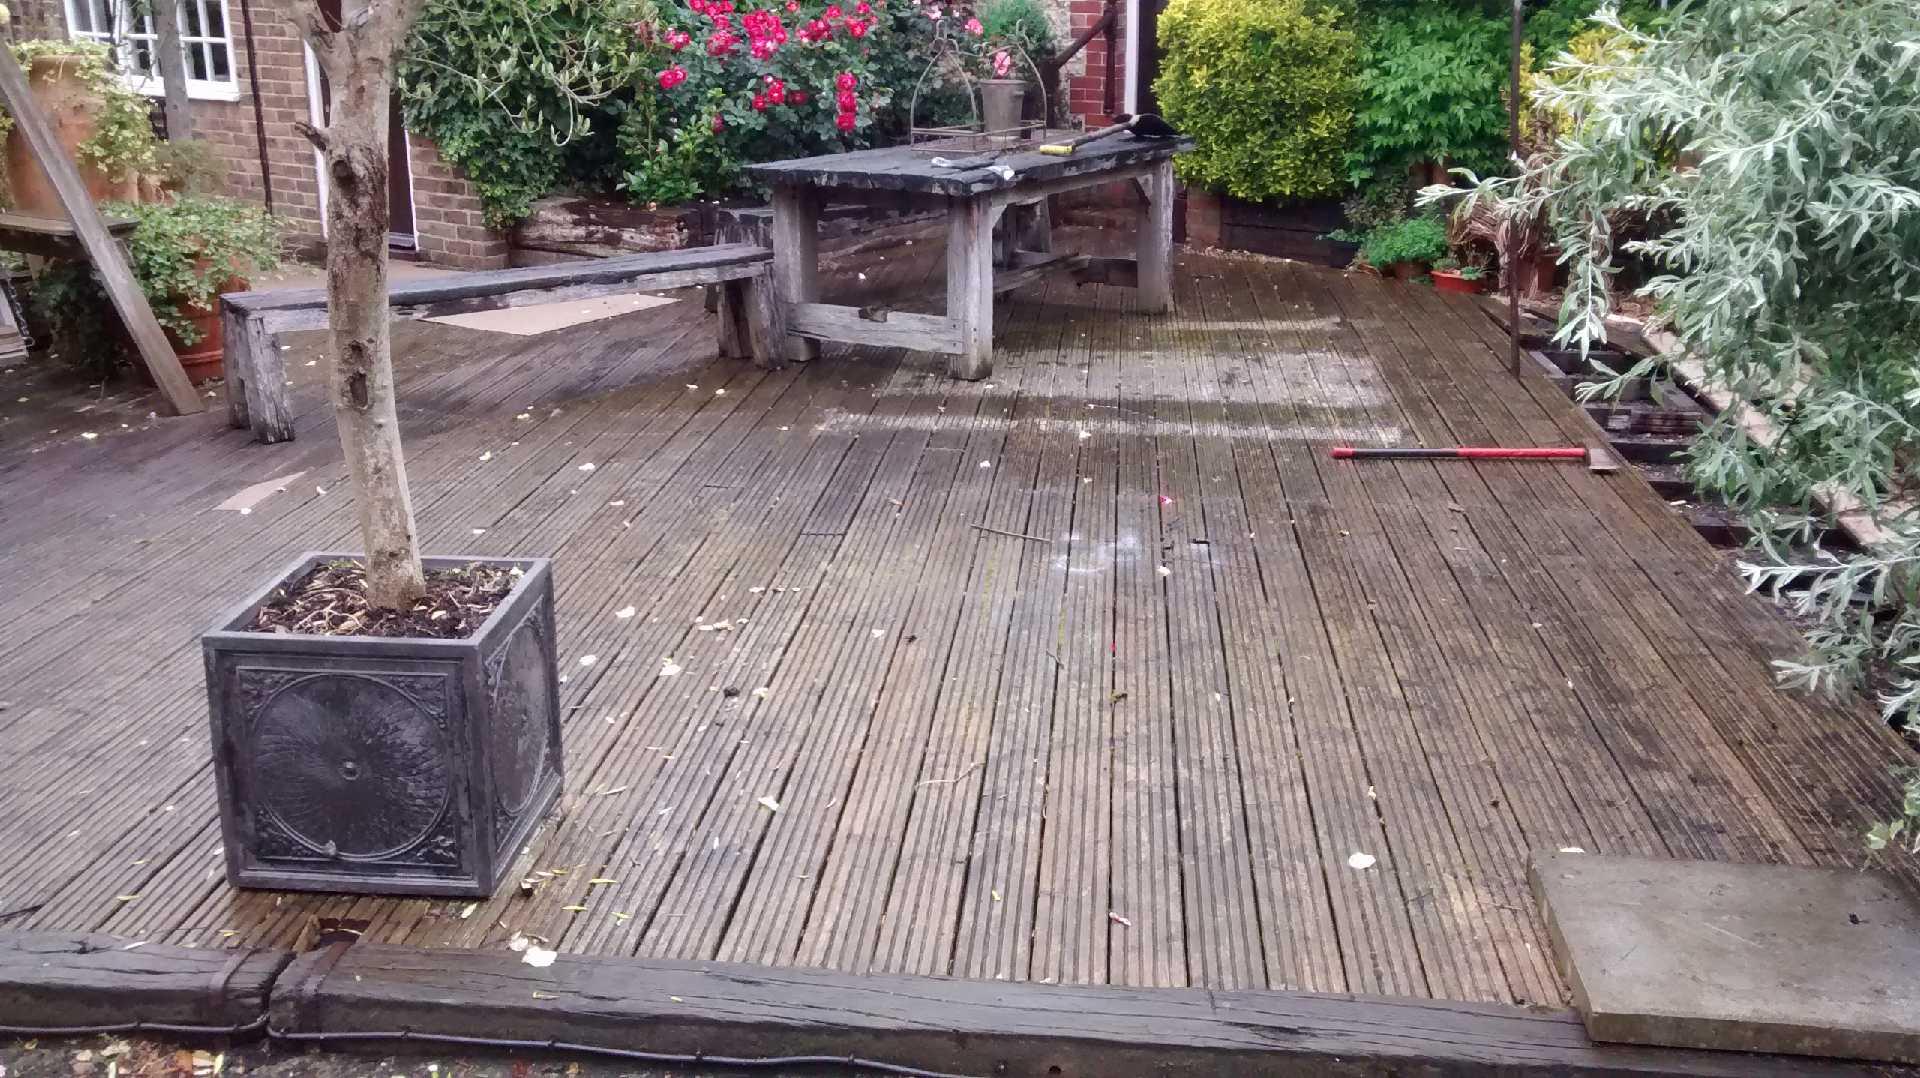 orinal decaying deck at Balneath Manor